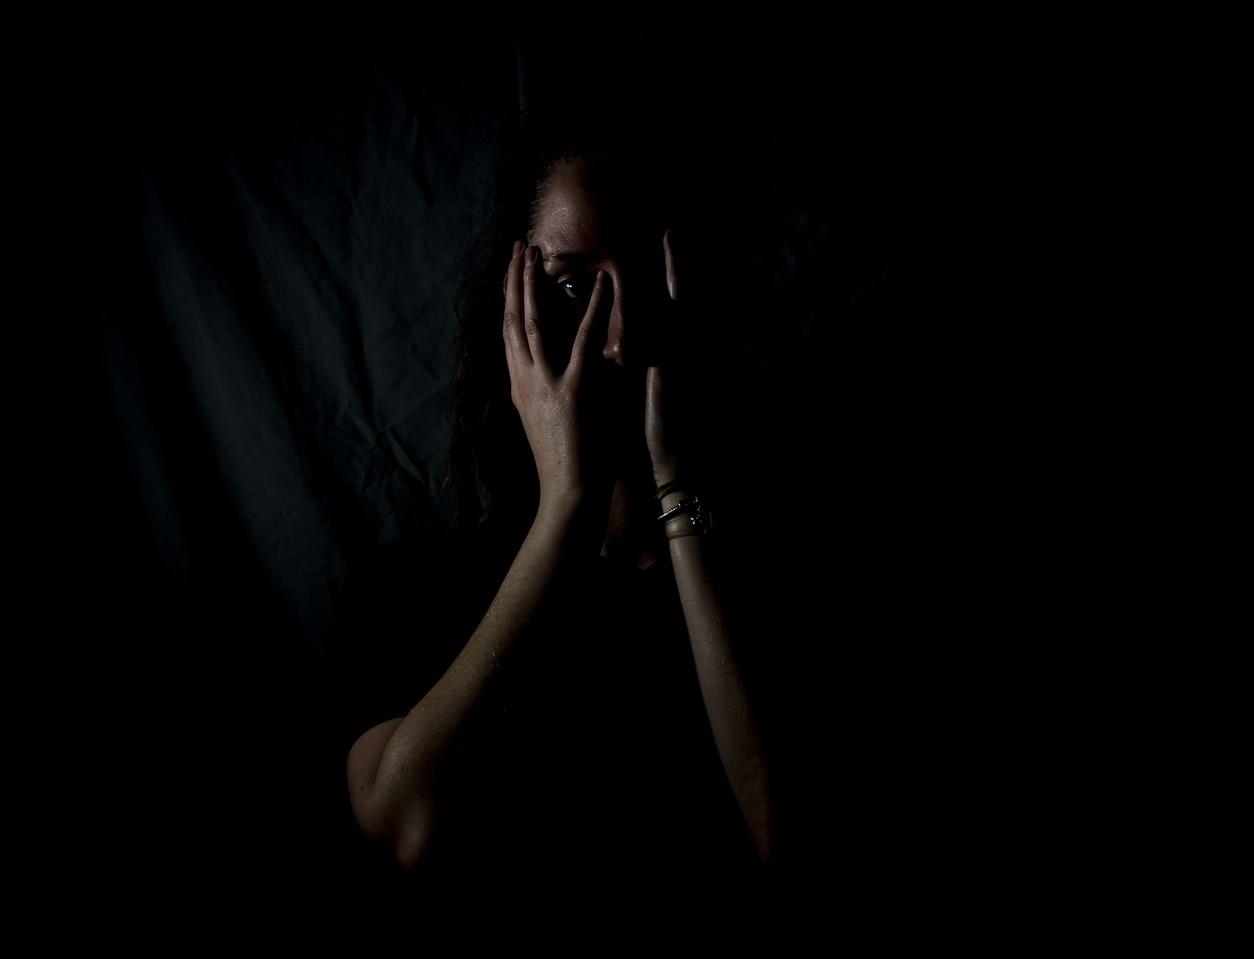 Lutter contre les violences conjugales en plein confinement